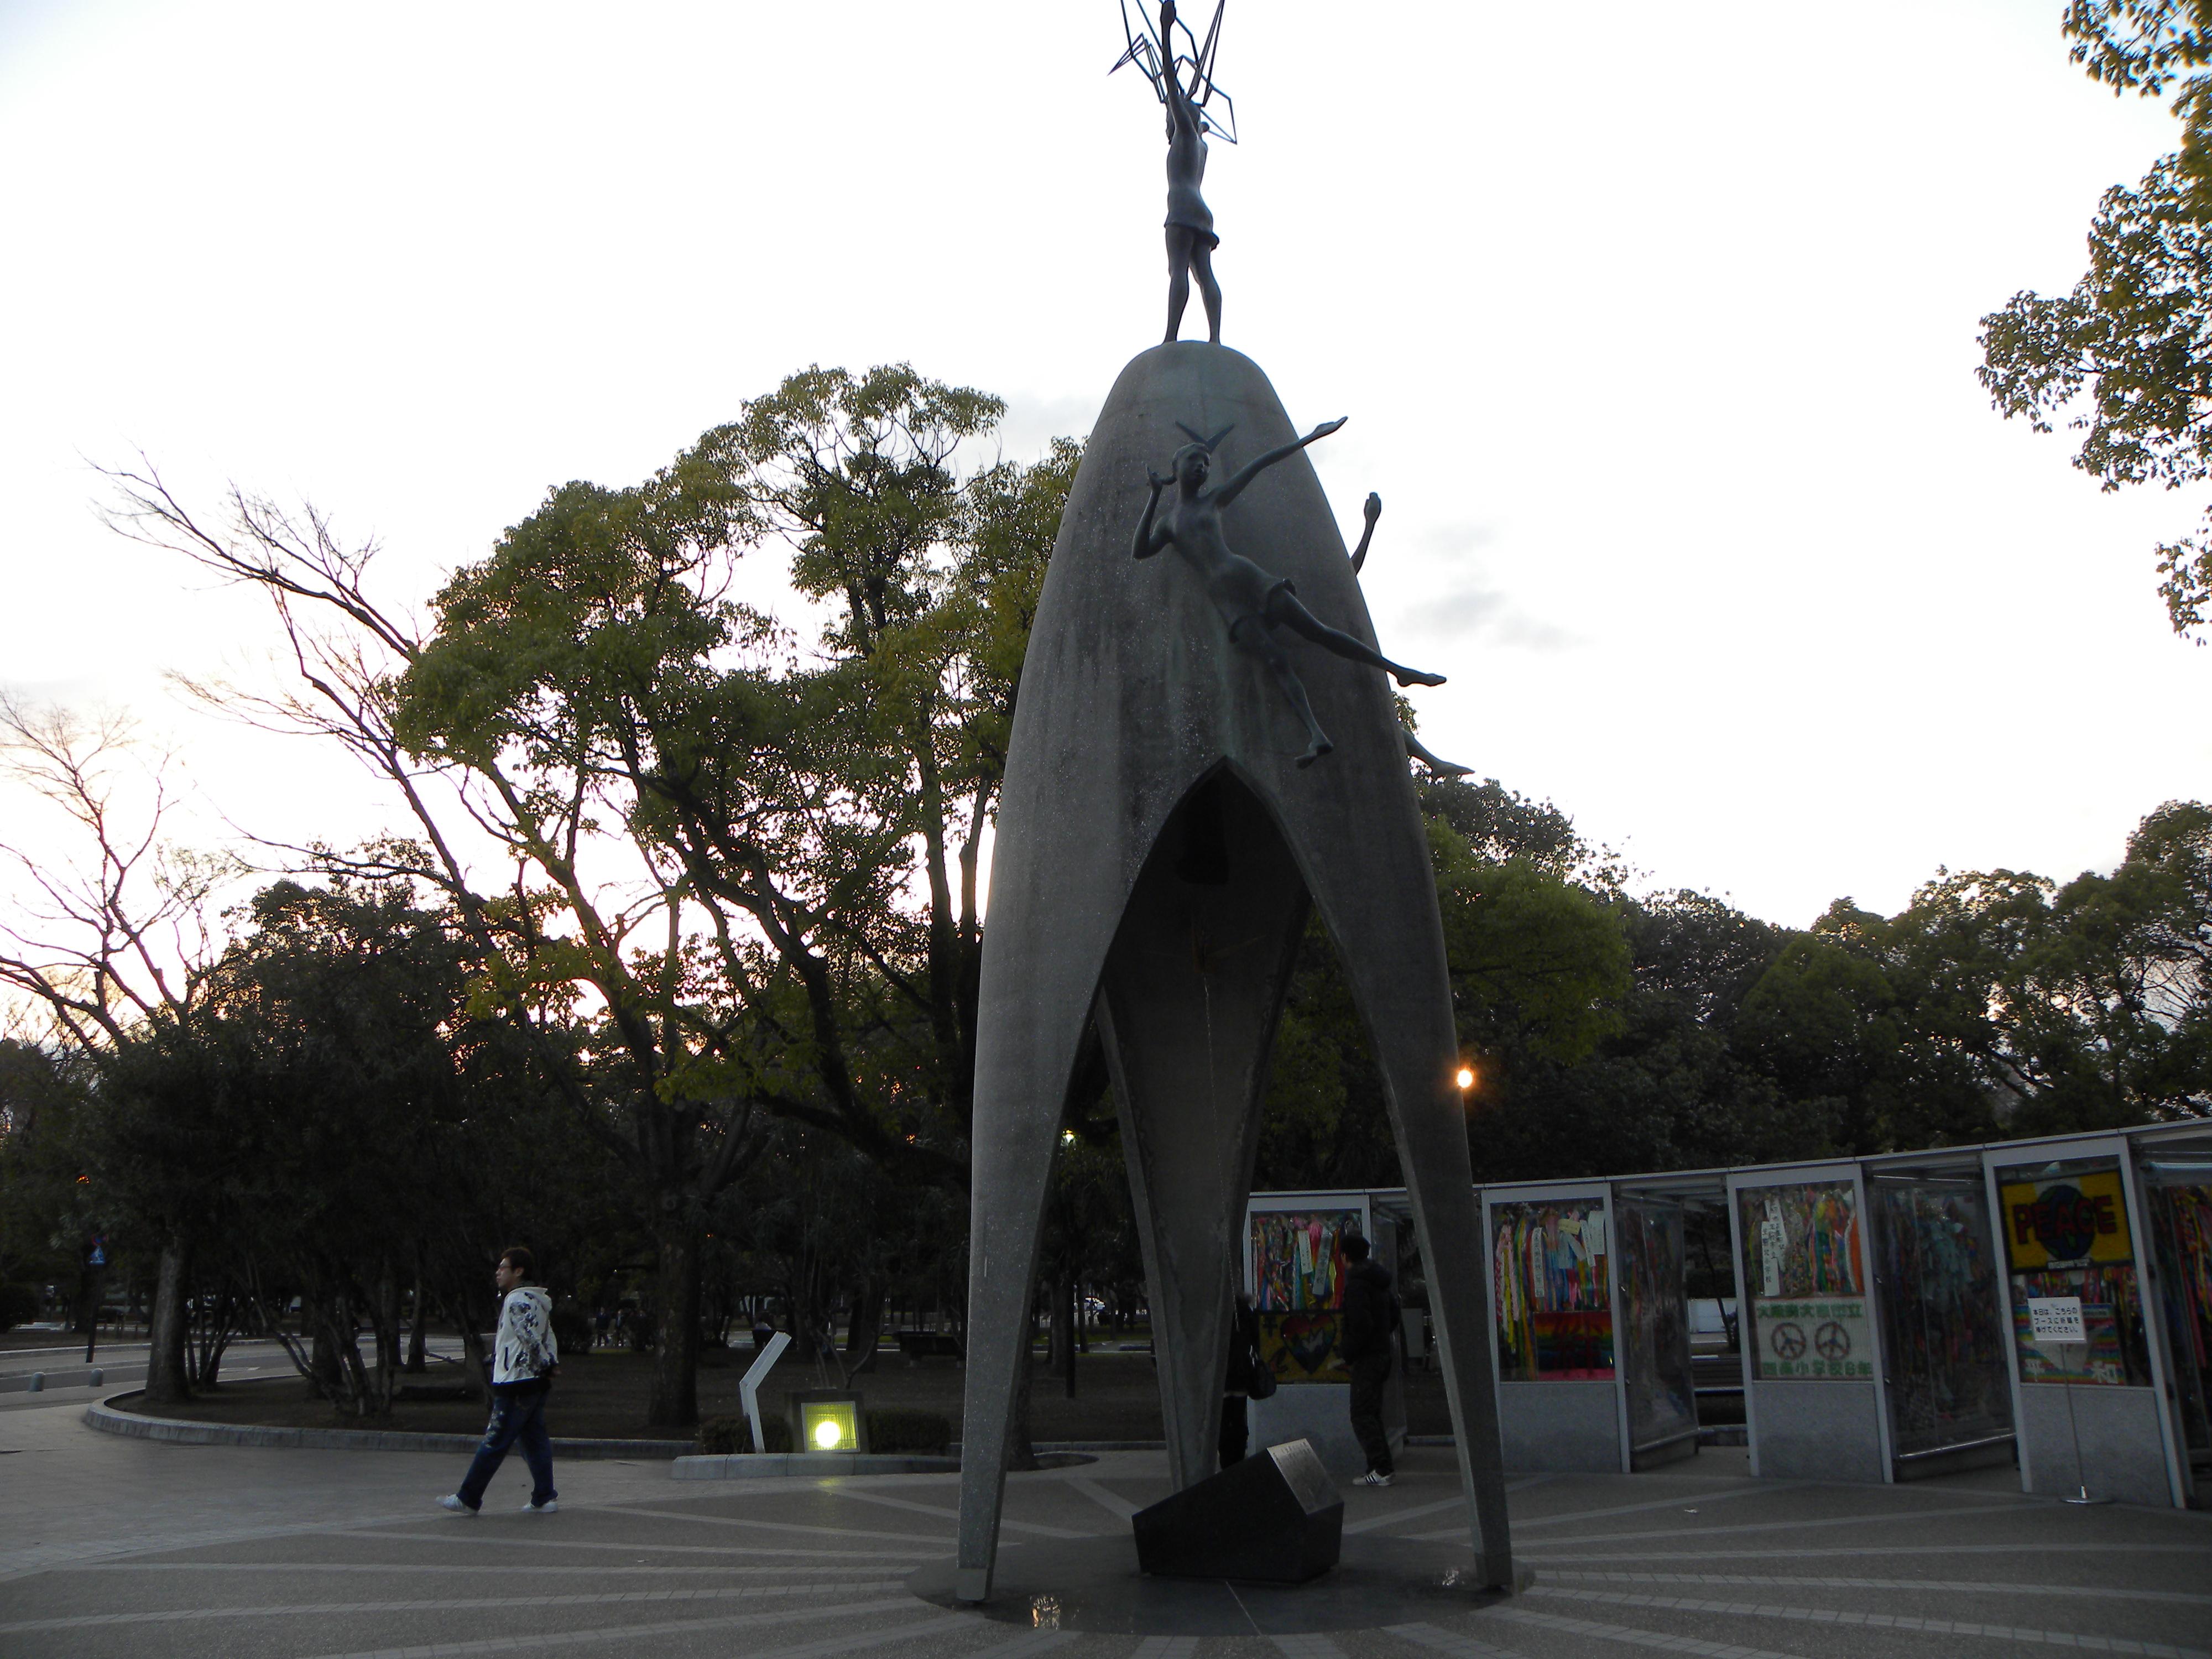 Las grullas de papel de Sadako Sasaki | Voyage addicted ... - photo#23